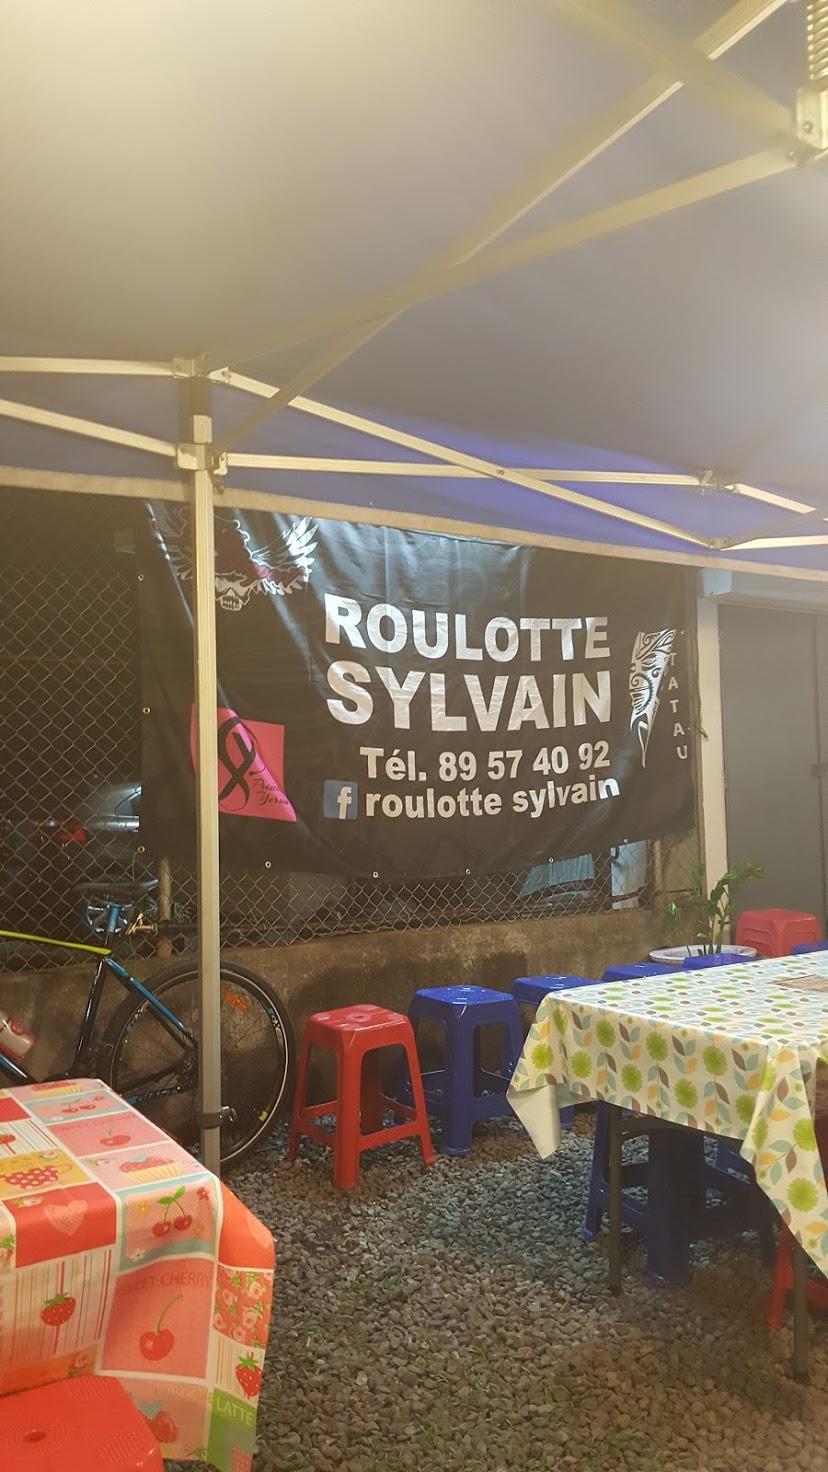 Roulotte SYLVAIN